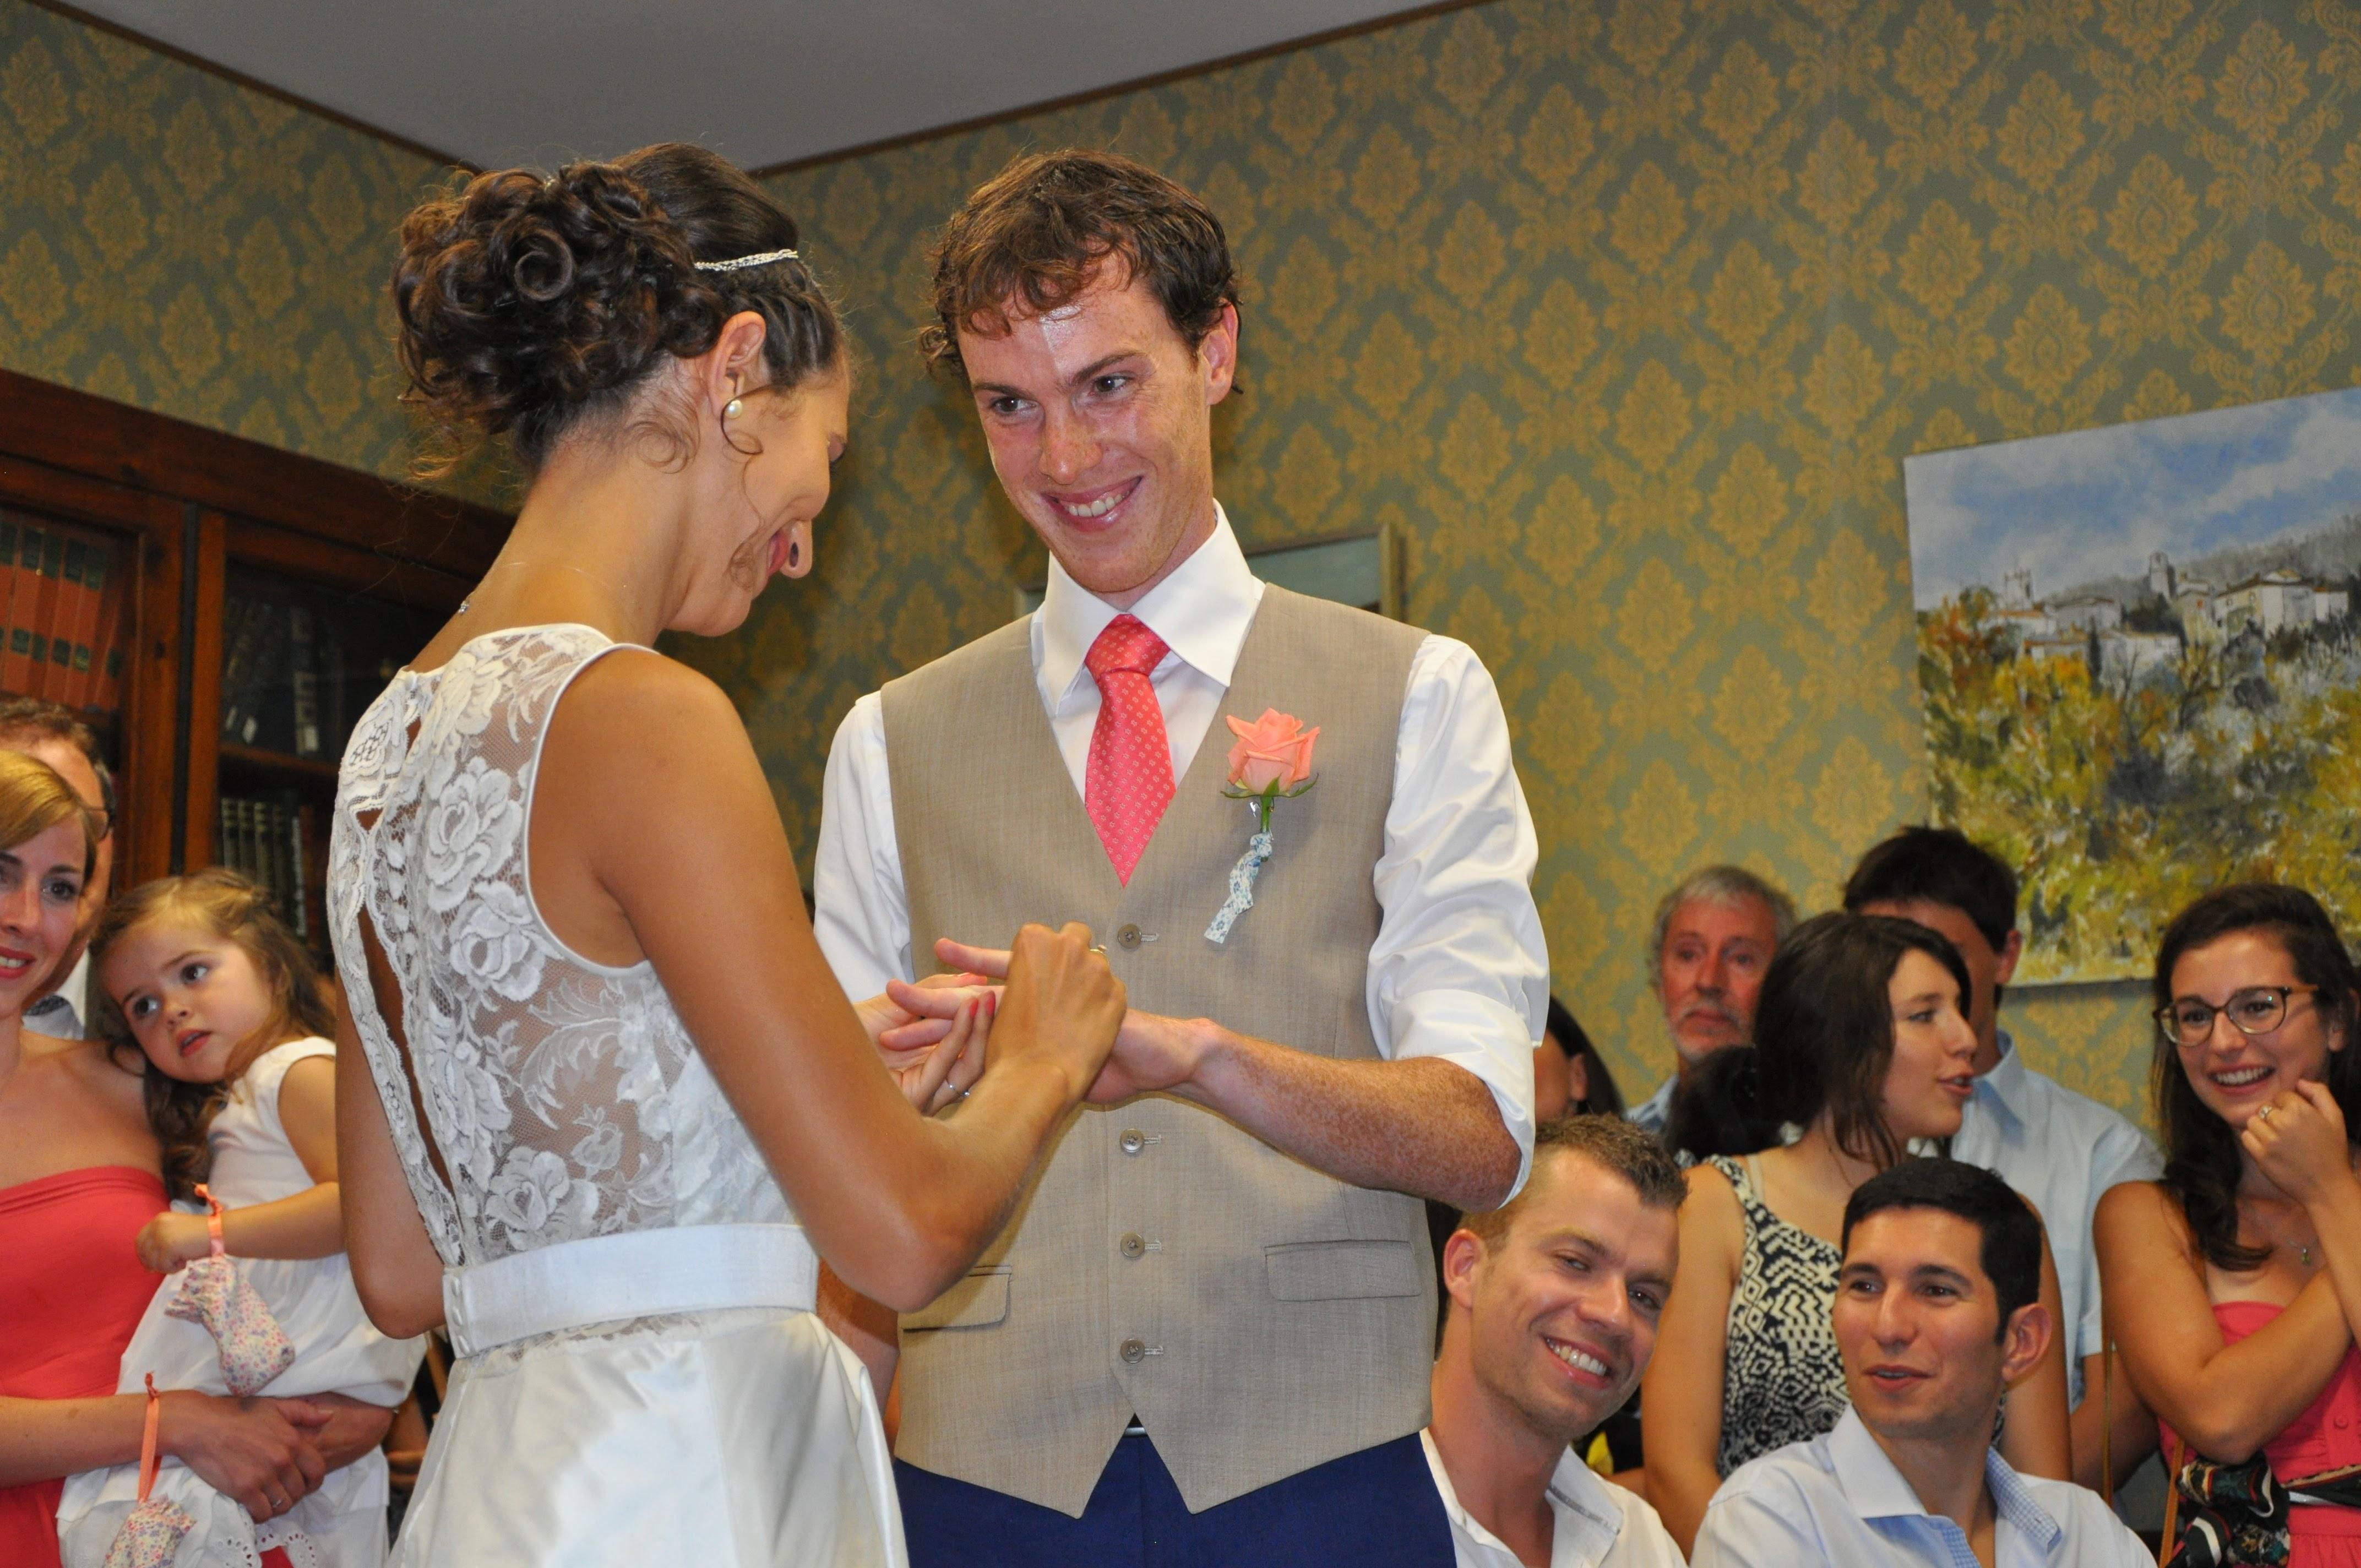 Le mariage champêtre participatif à petit budget de Louna